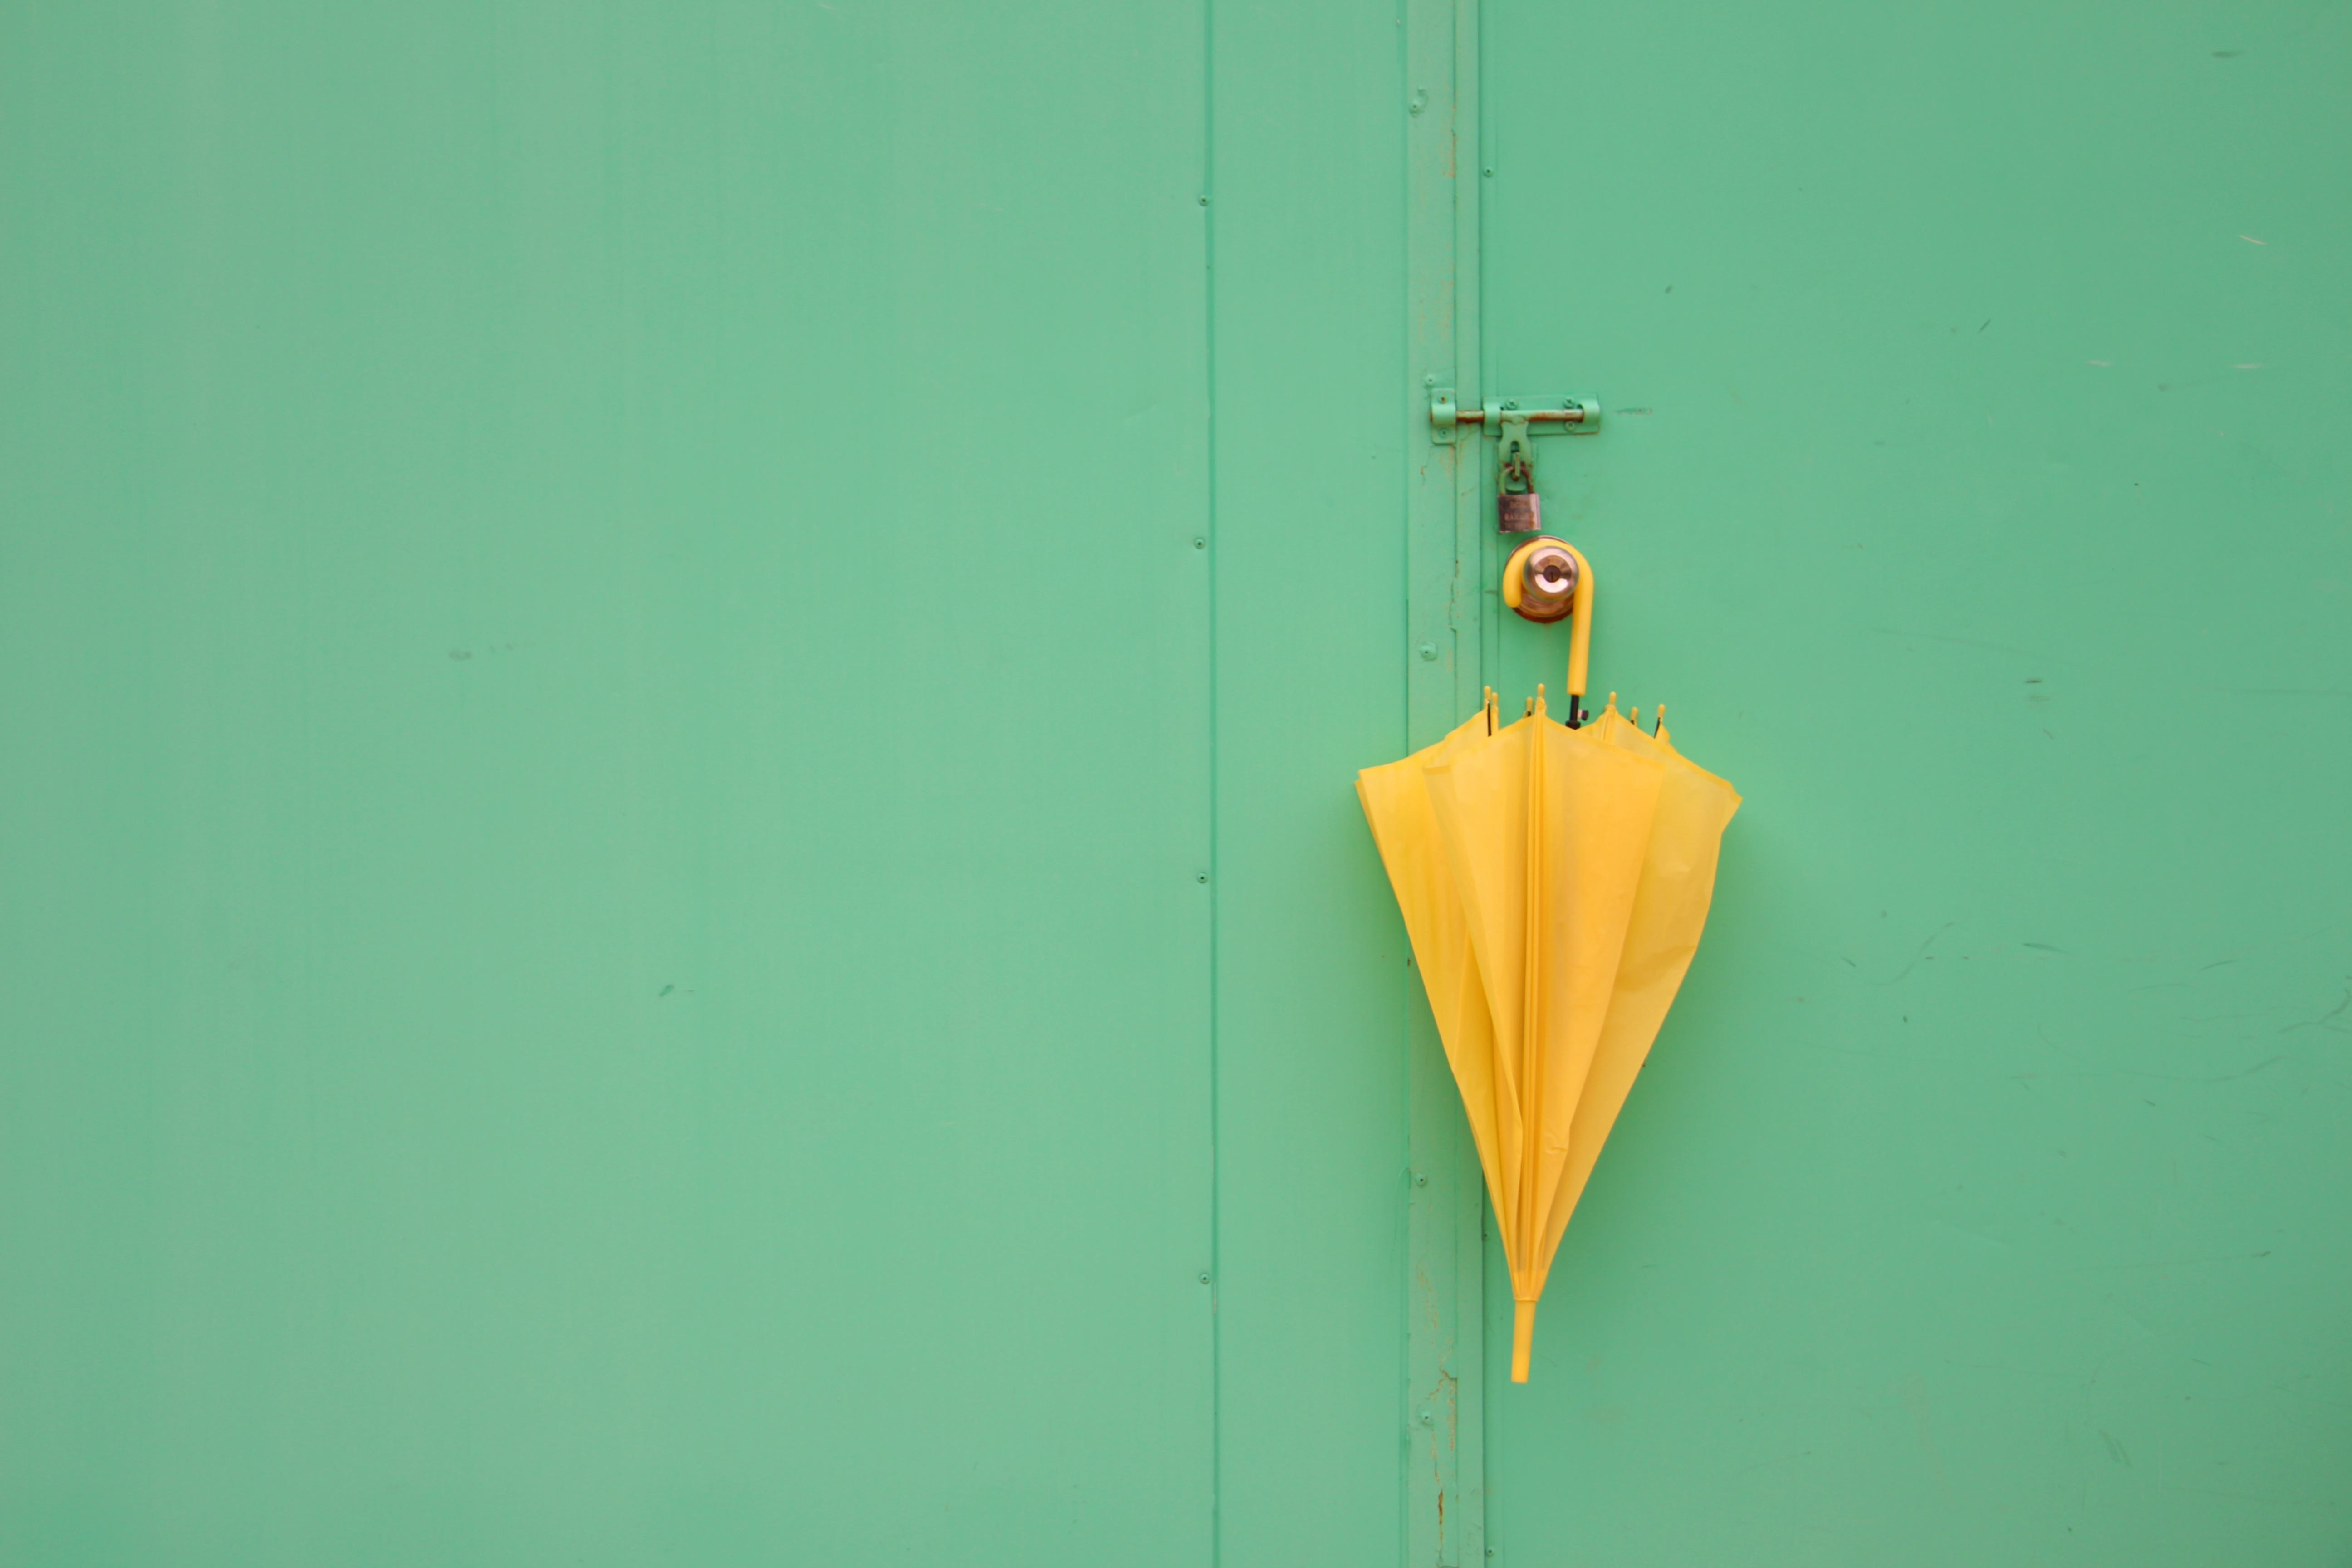 Immagini belle verde ombrello colore giallo illuminazione